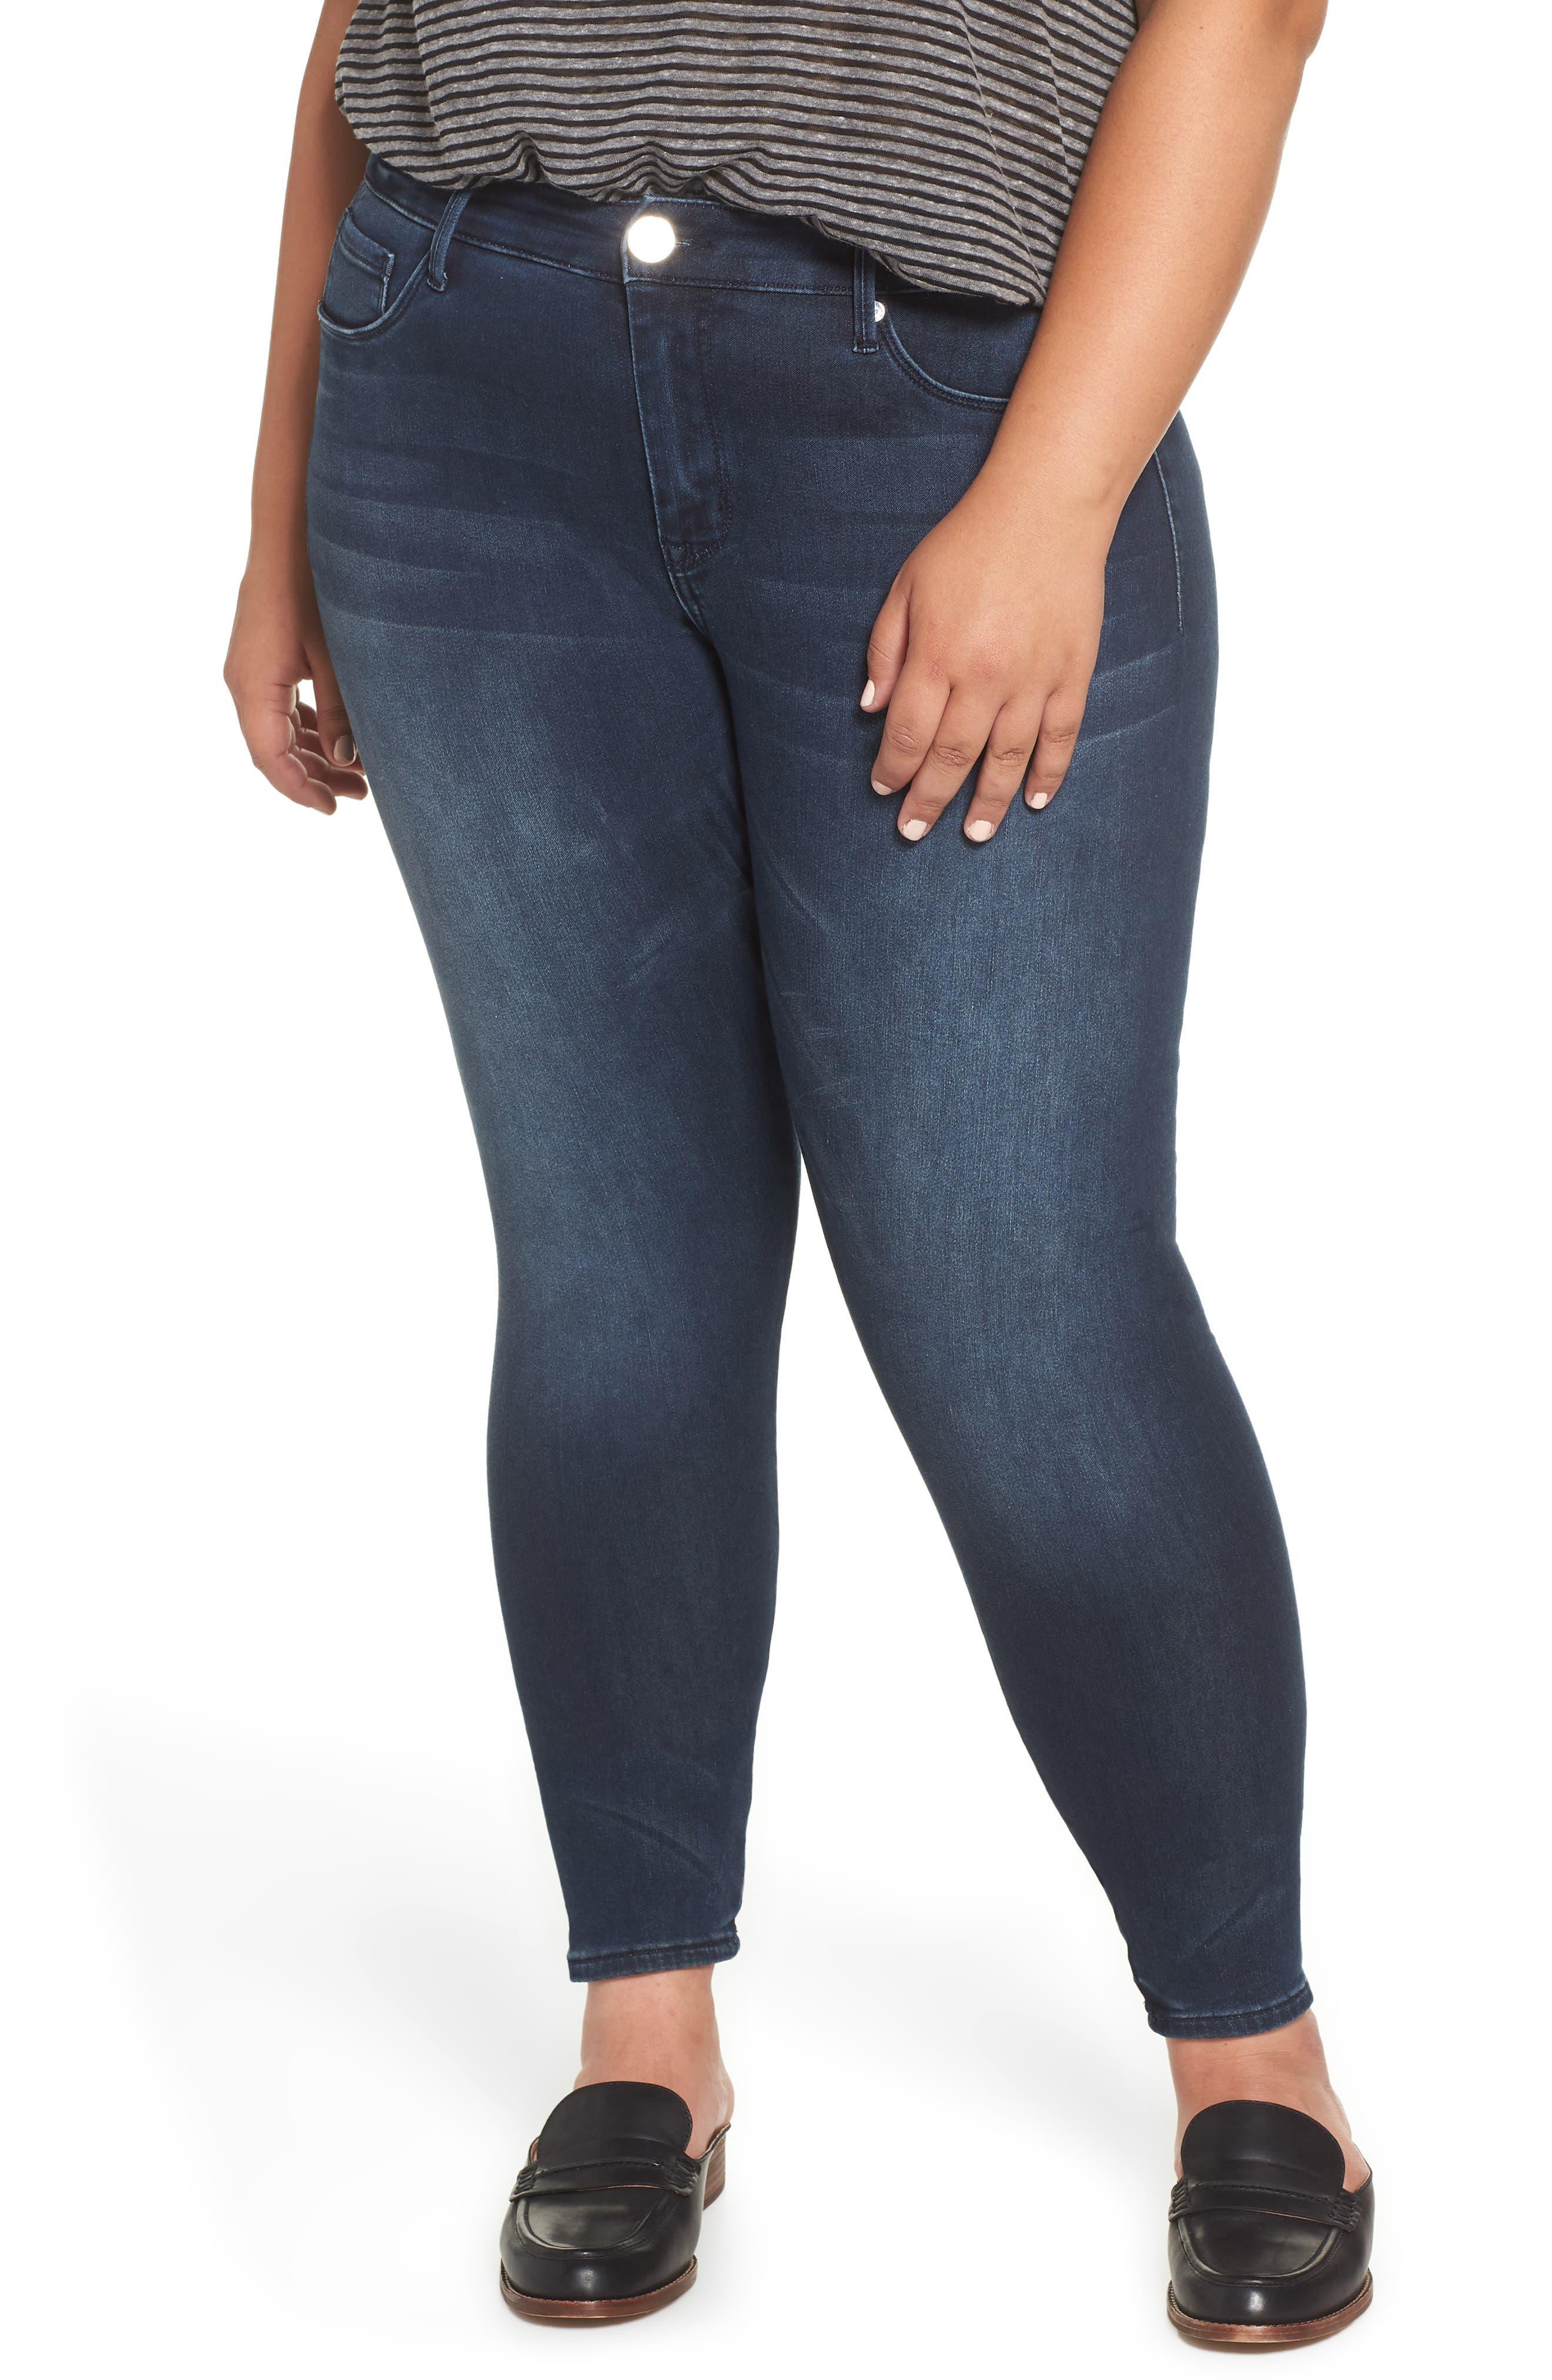 Plus Women's Seven7 Seamless Denim Leggings